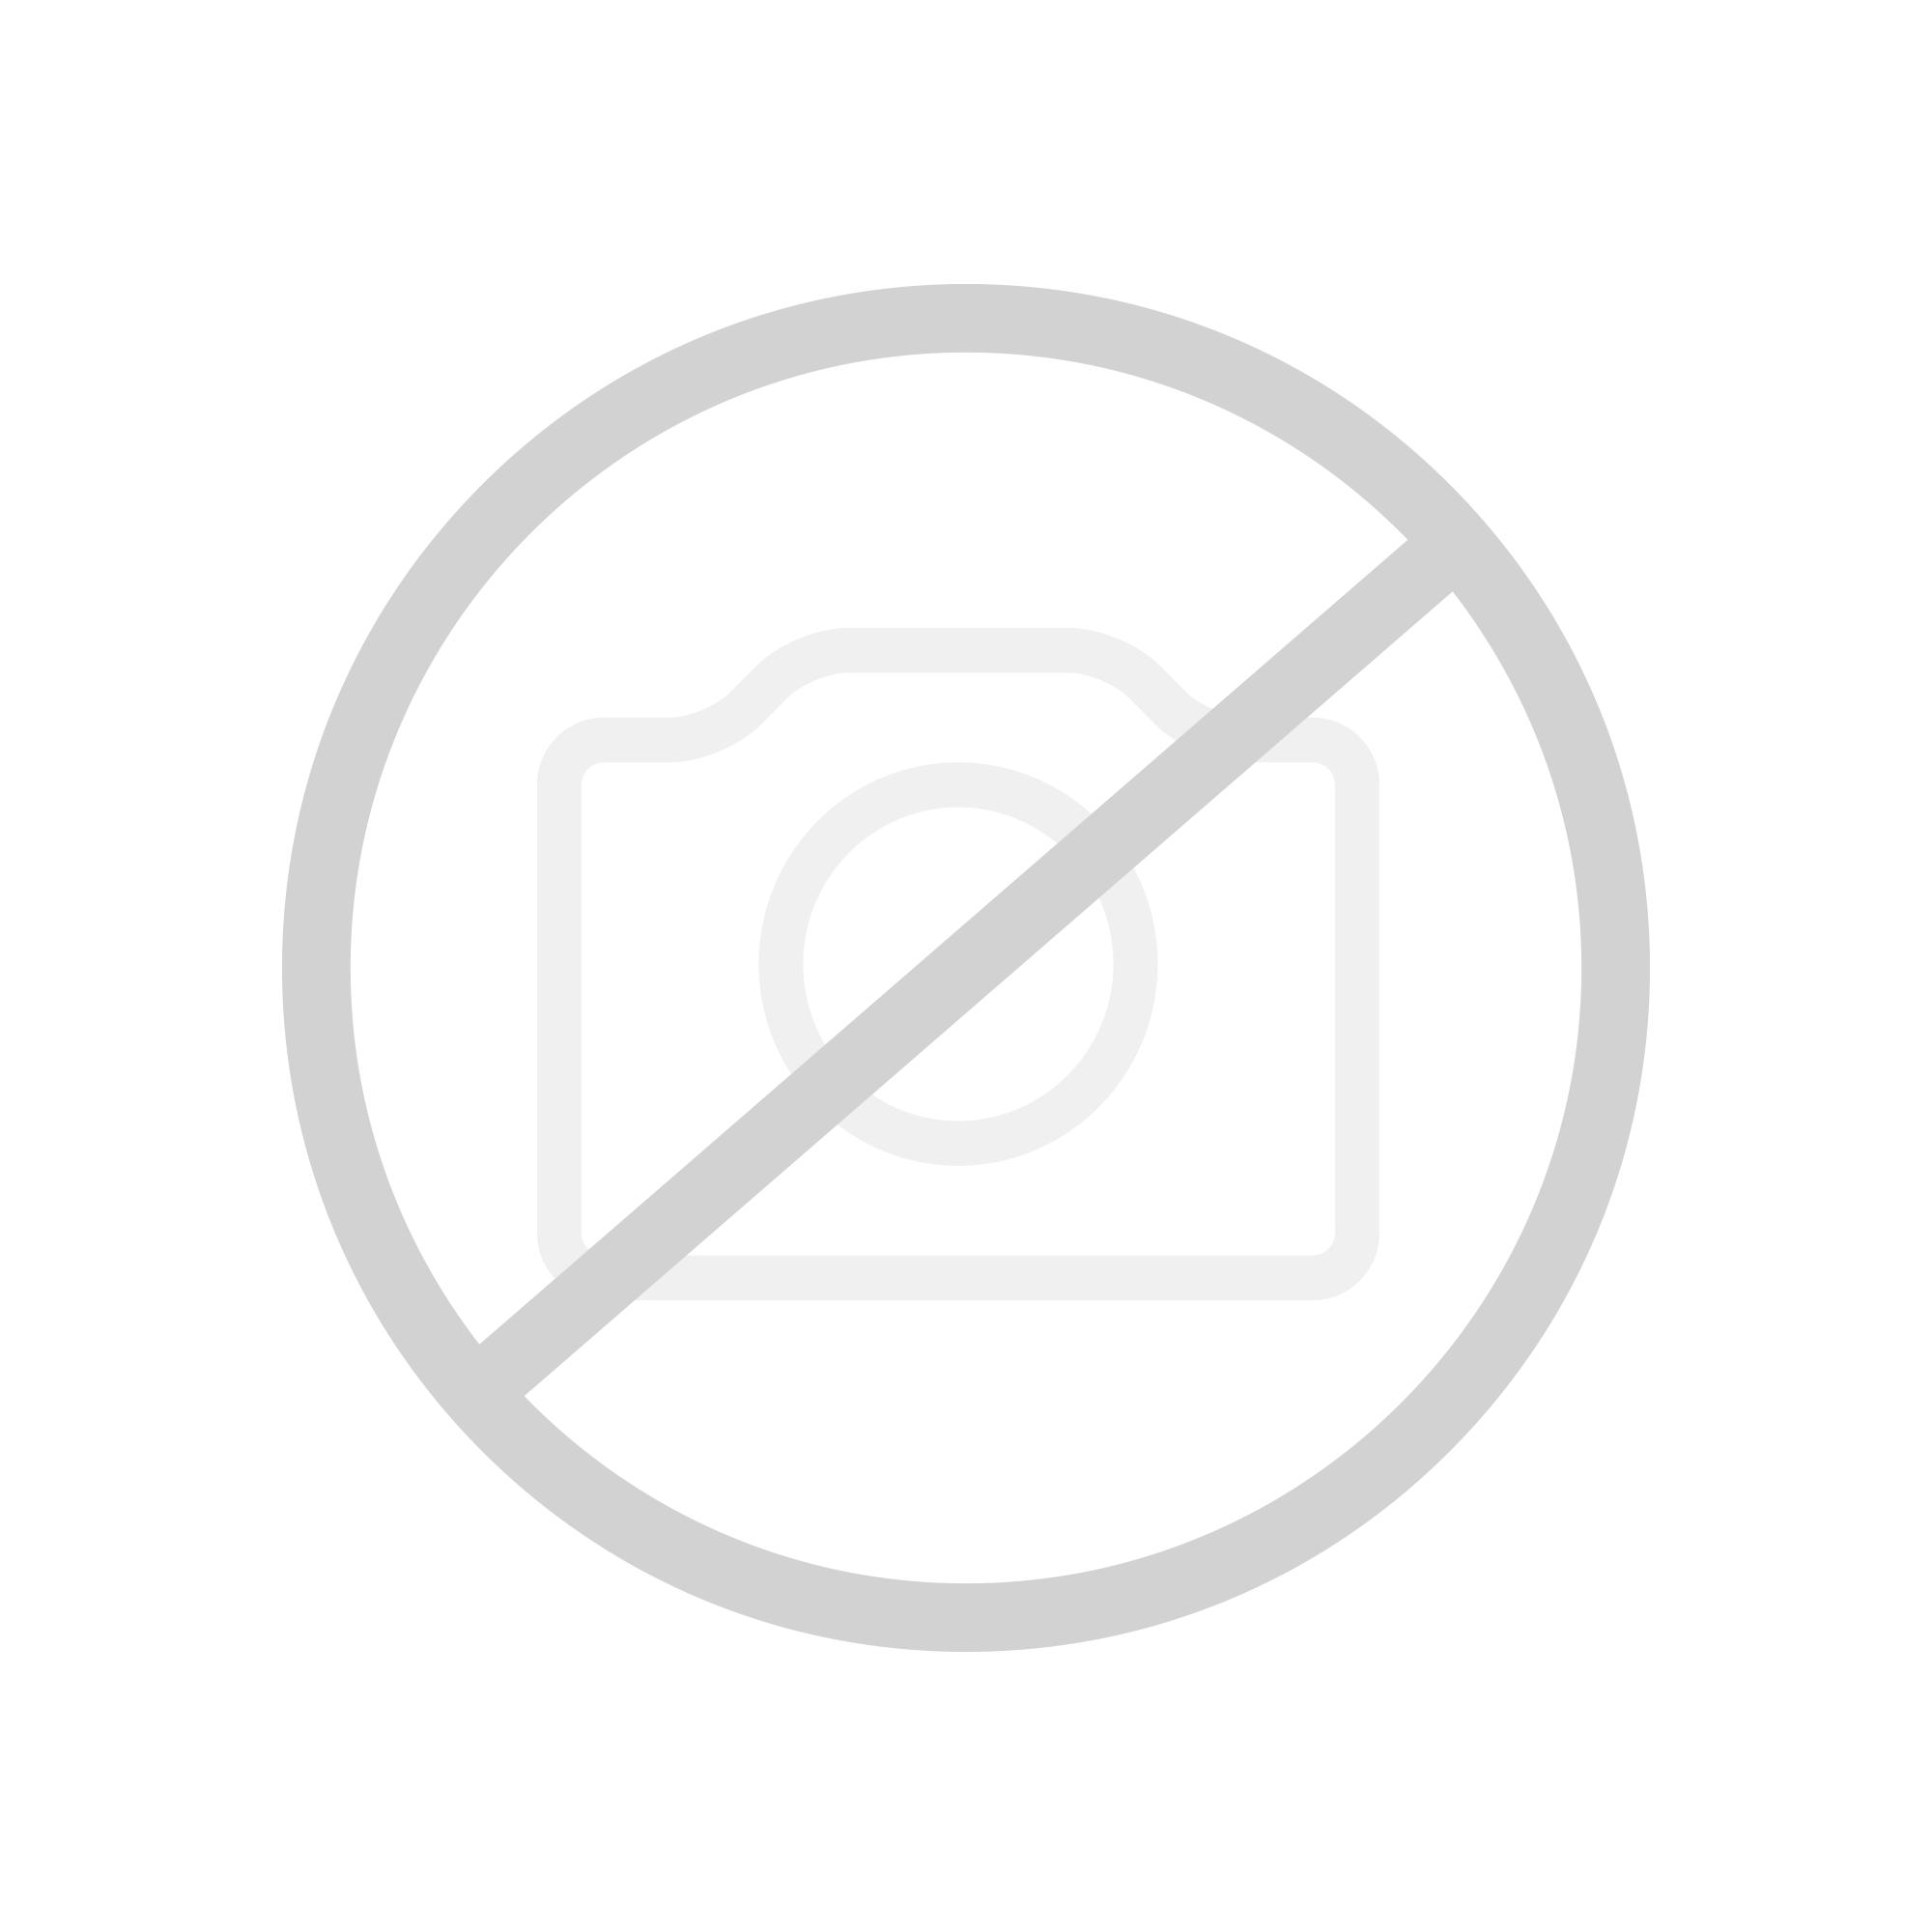 keuco edition 11 handtuchhalter 1 teilig feststehend 11122010000 reuter. Black Bedroom Furniture Sets. Home Design Ideas